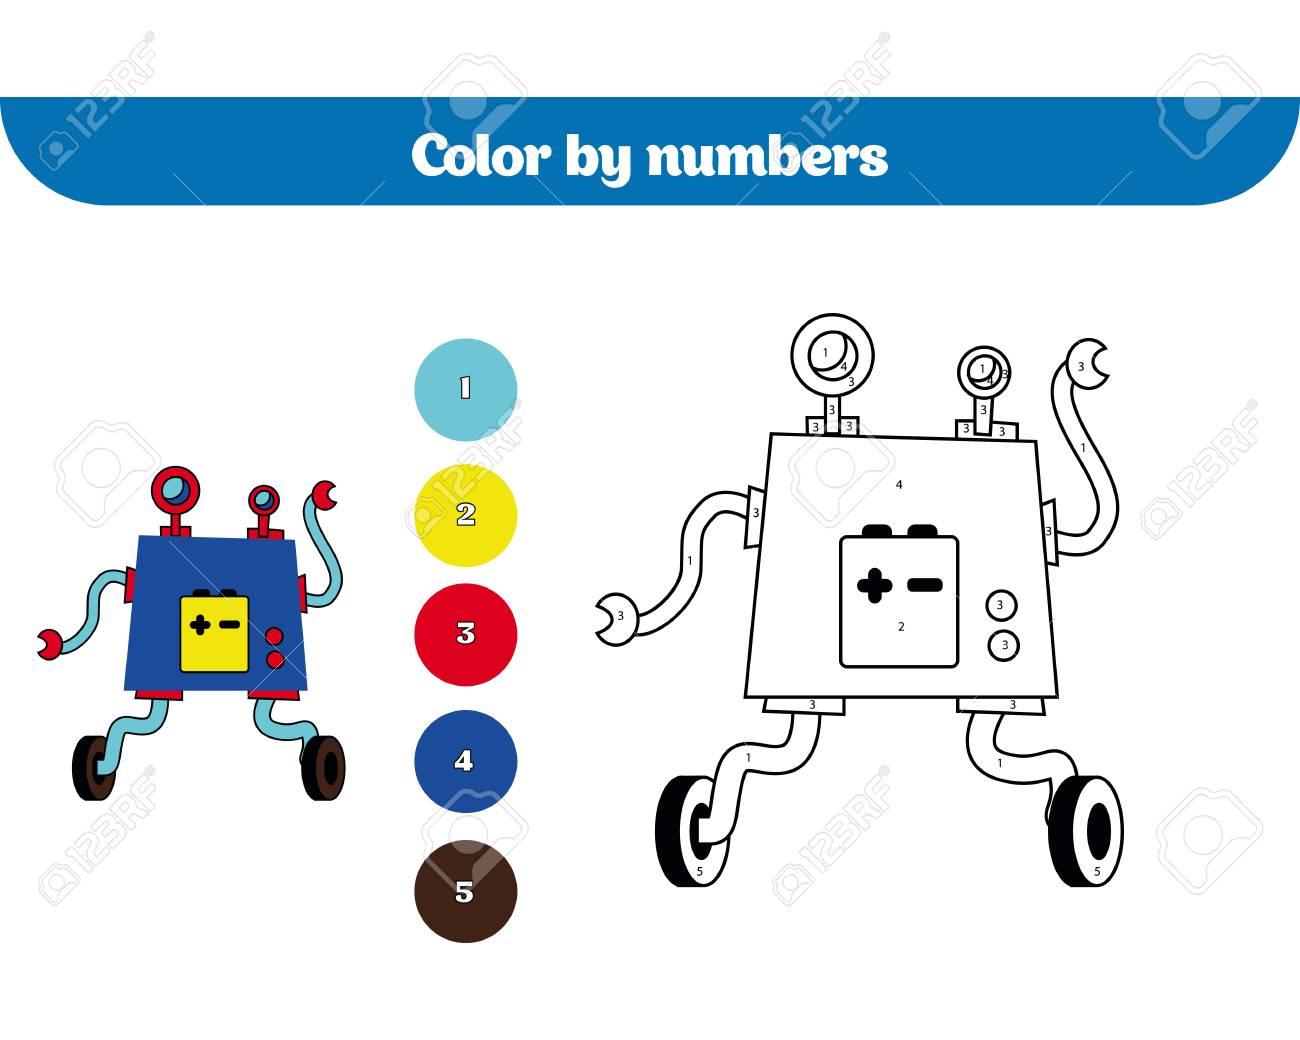 Vettoriale Colore Per Numero Gioco Educativo Per Bambini Pagina